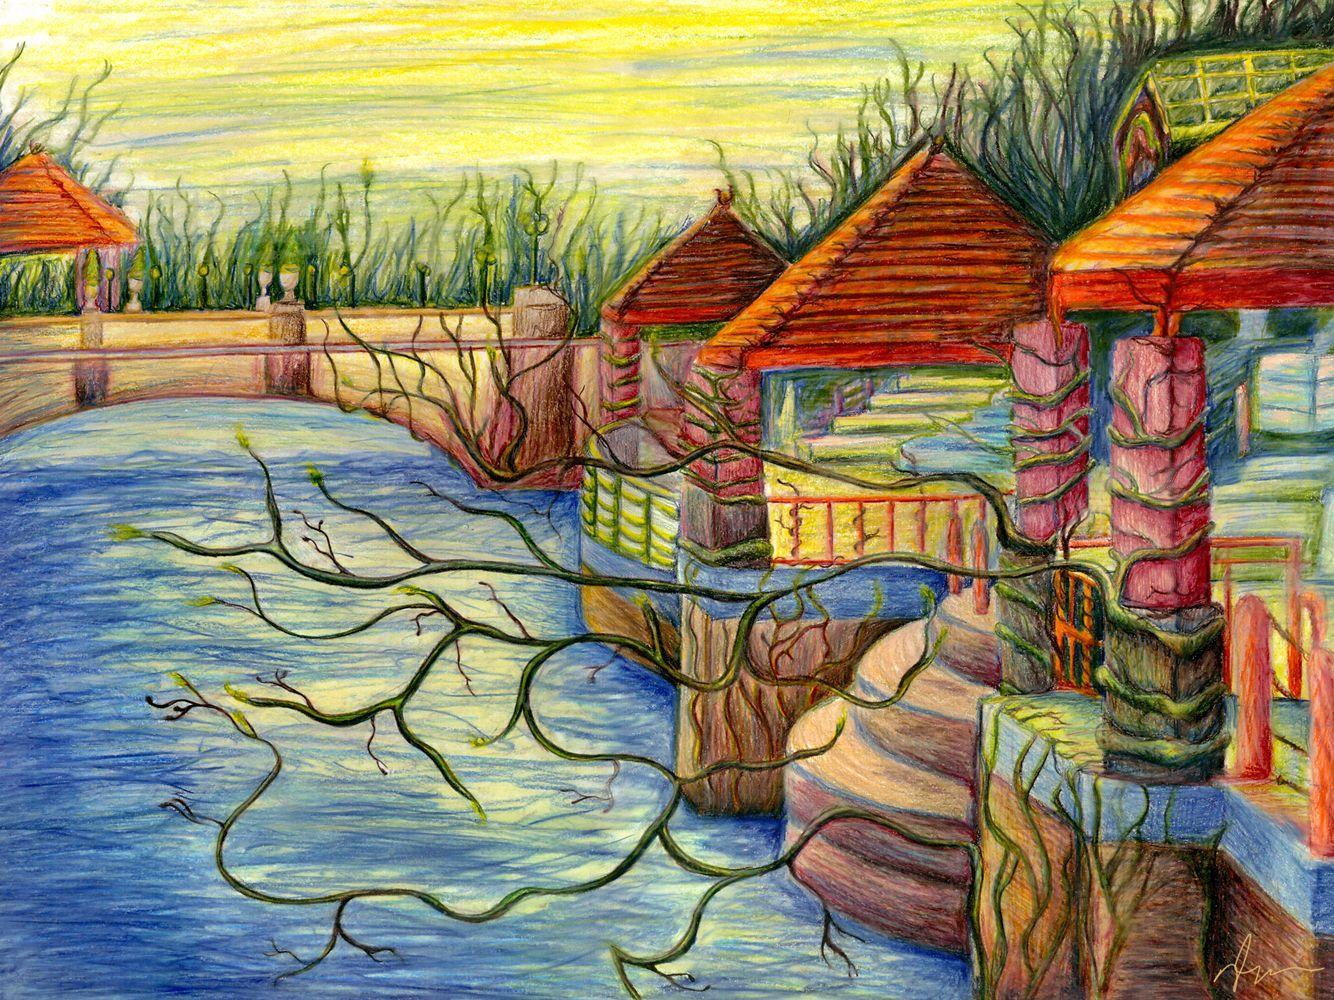 Colour Landscape Pencil Drawing Images Wallpaper